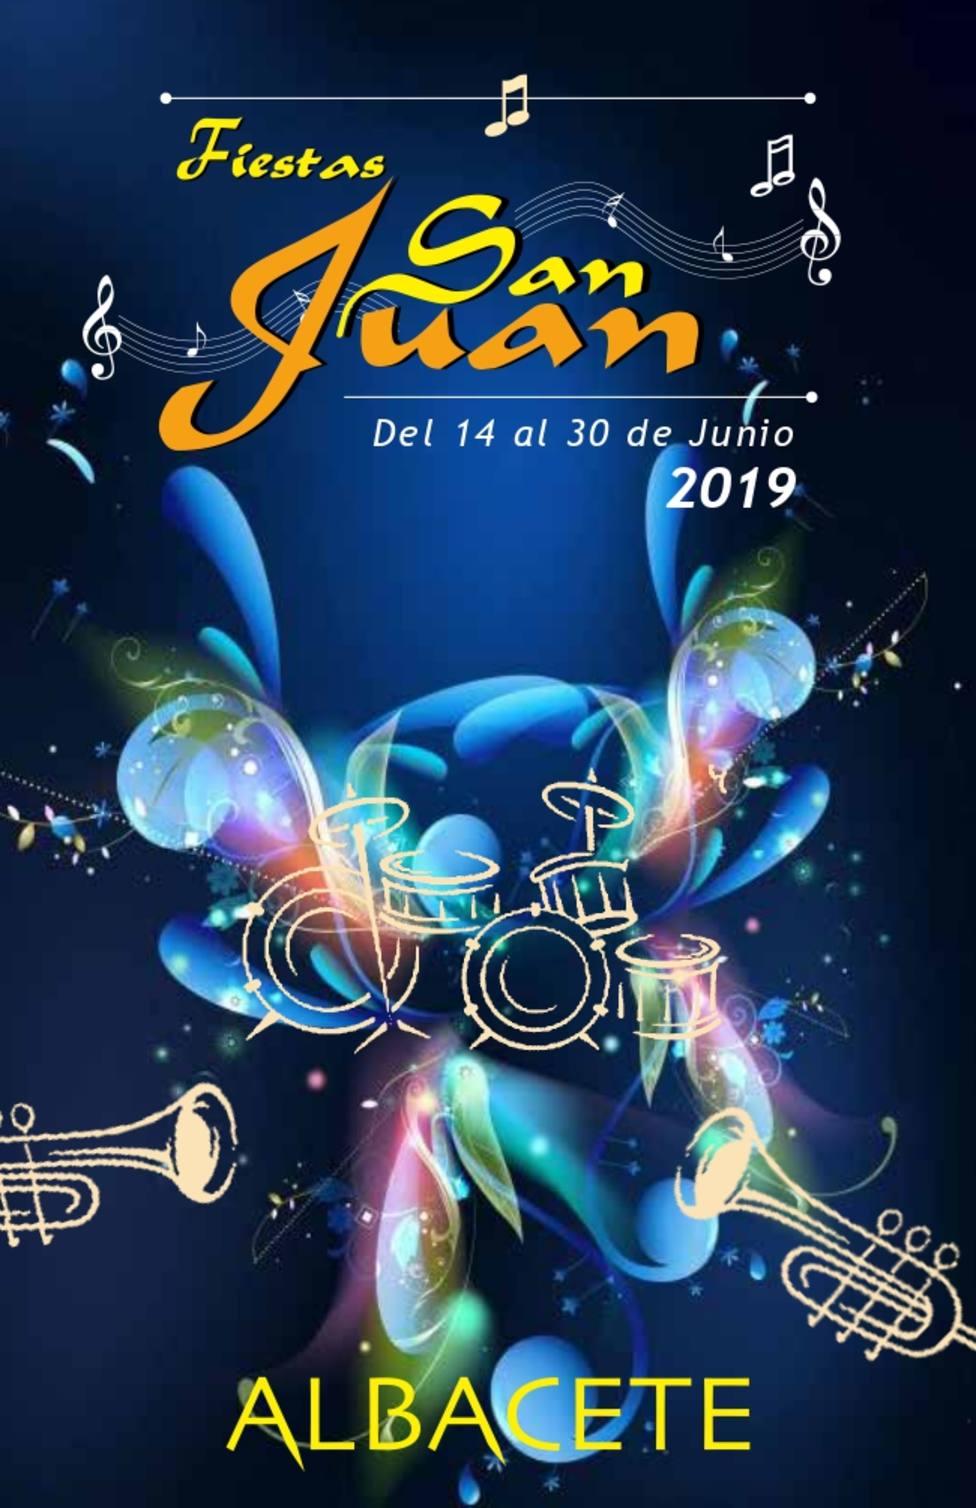 El programa de las Fiestas de San Juan 2019 llega repleto de actividades